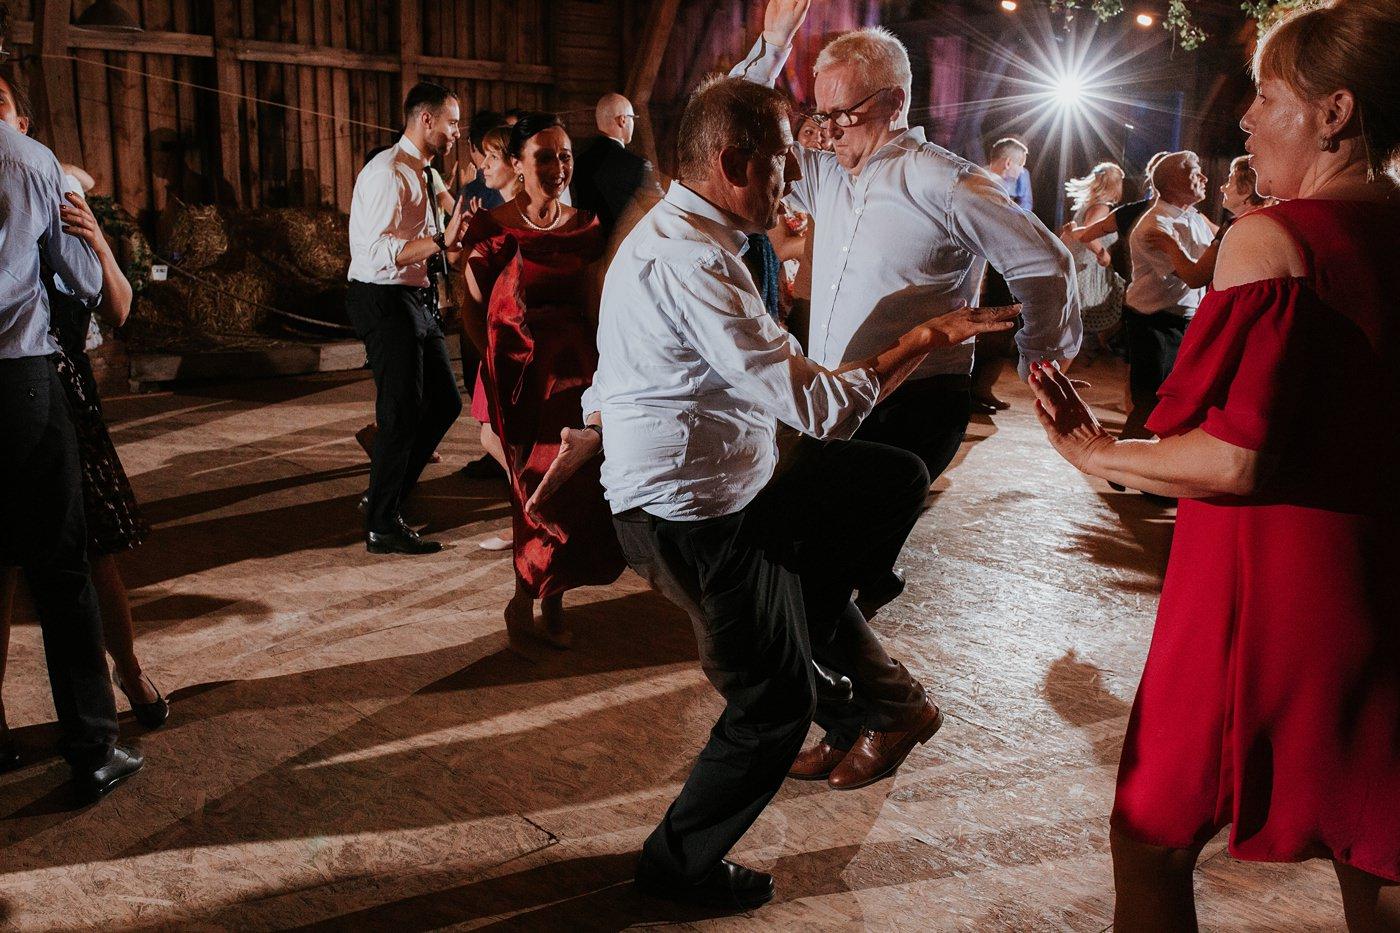 Dominika & Aleksander - Rustykalne wesele w stodole - Baborówko 126